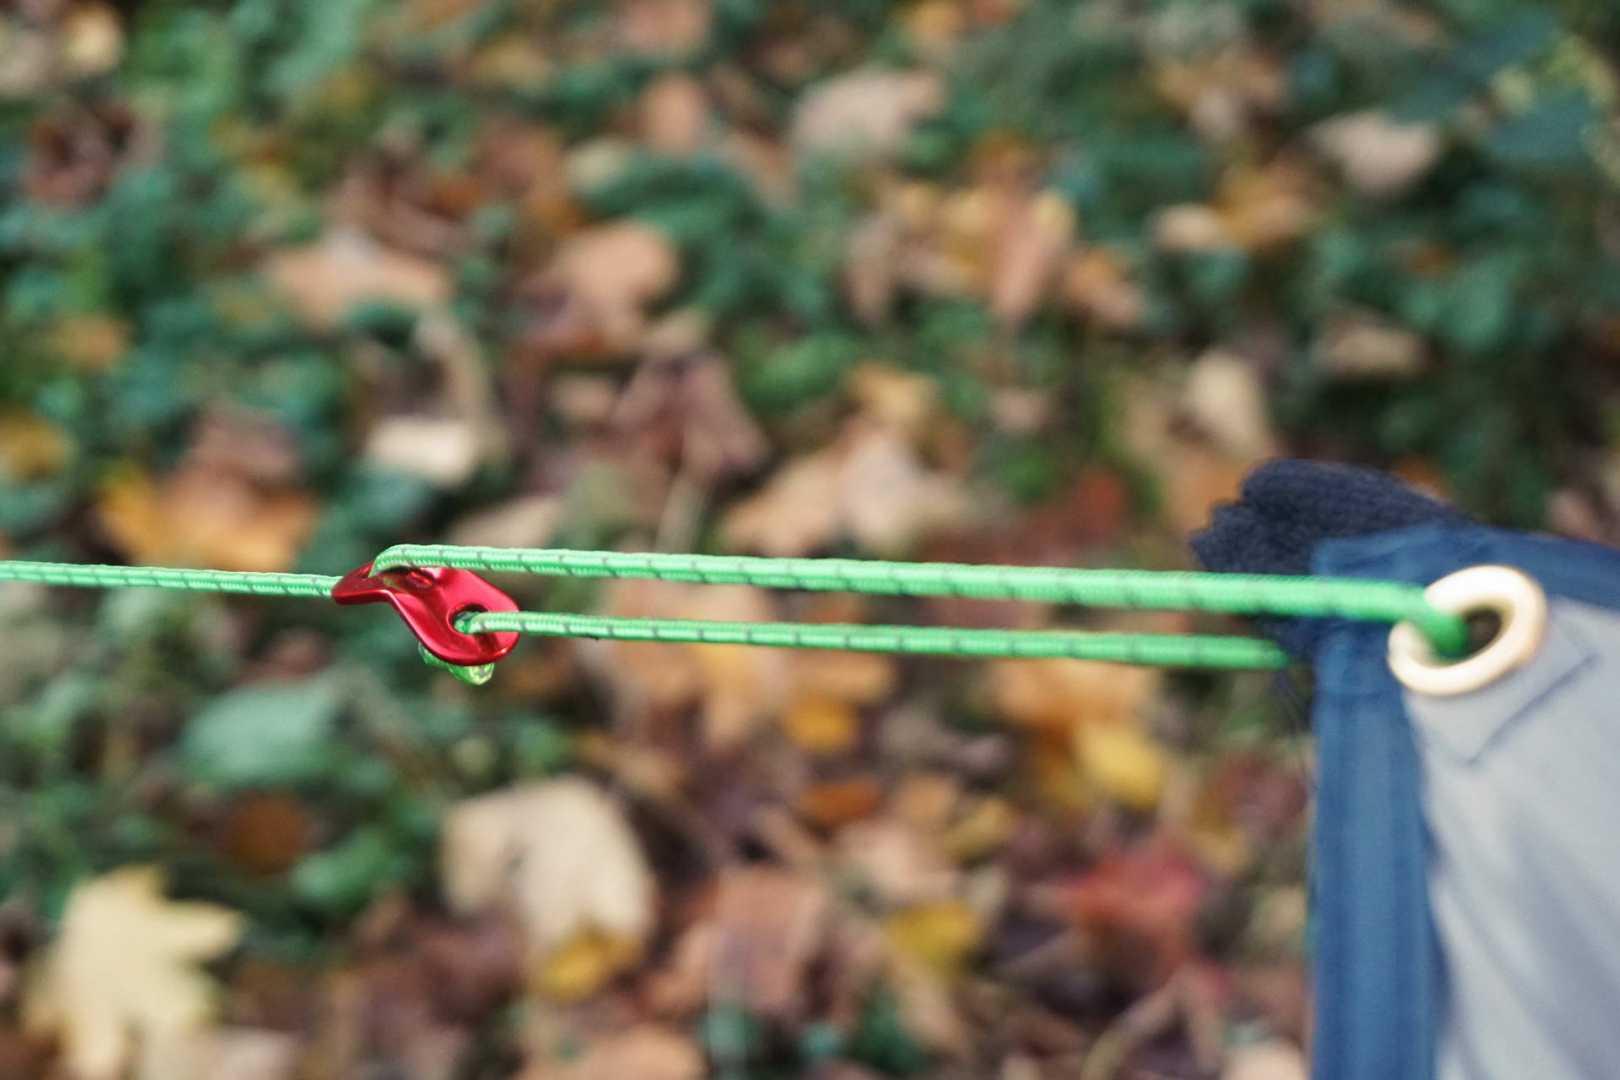 Tarpöse mit Seil und Seilspanner